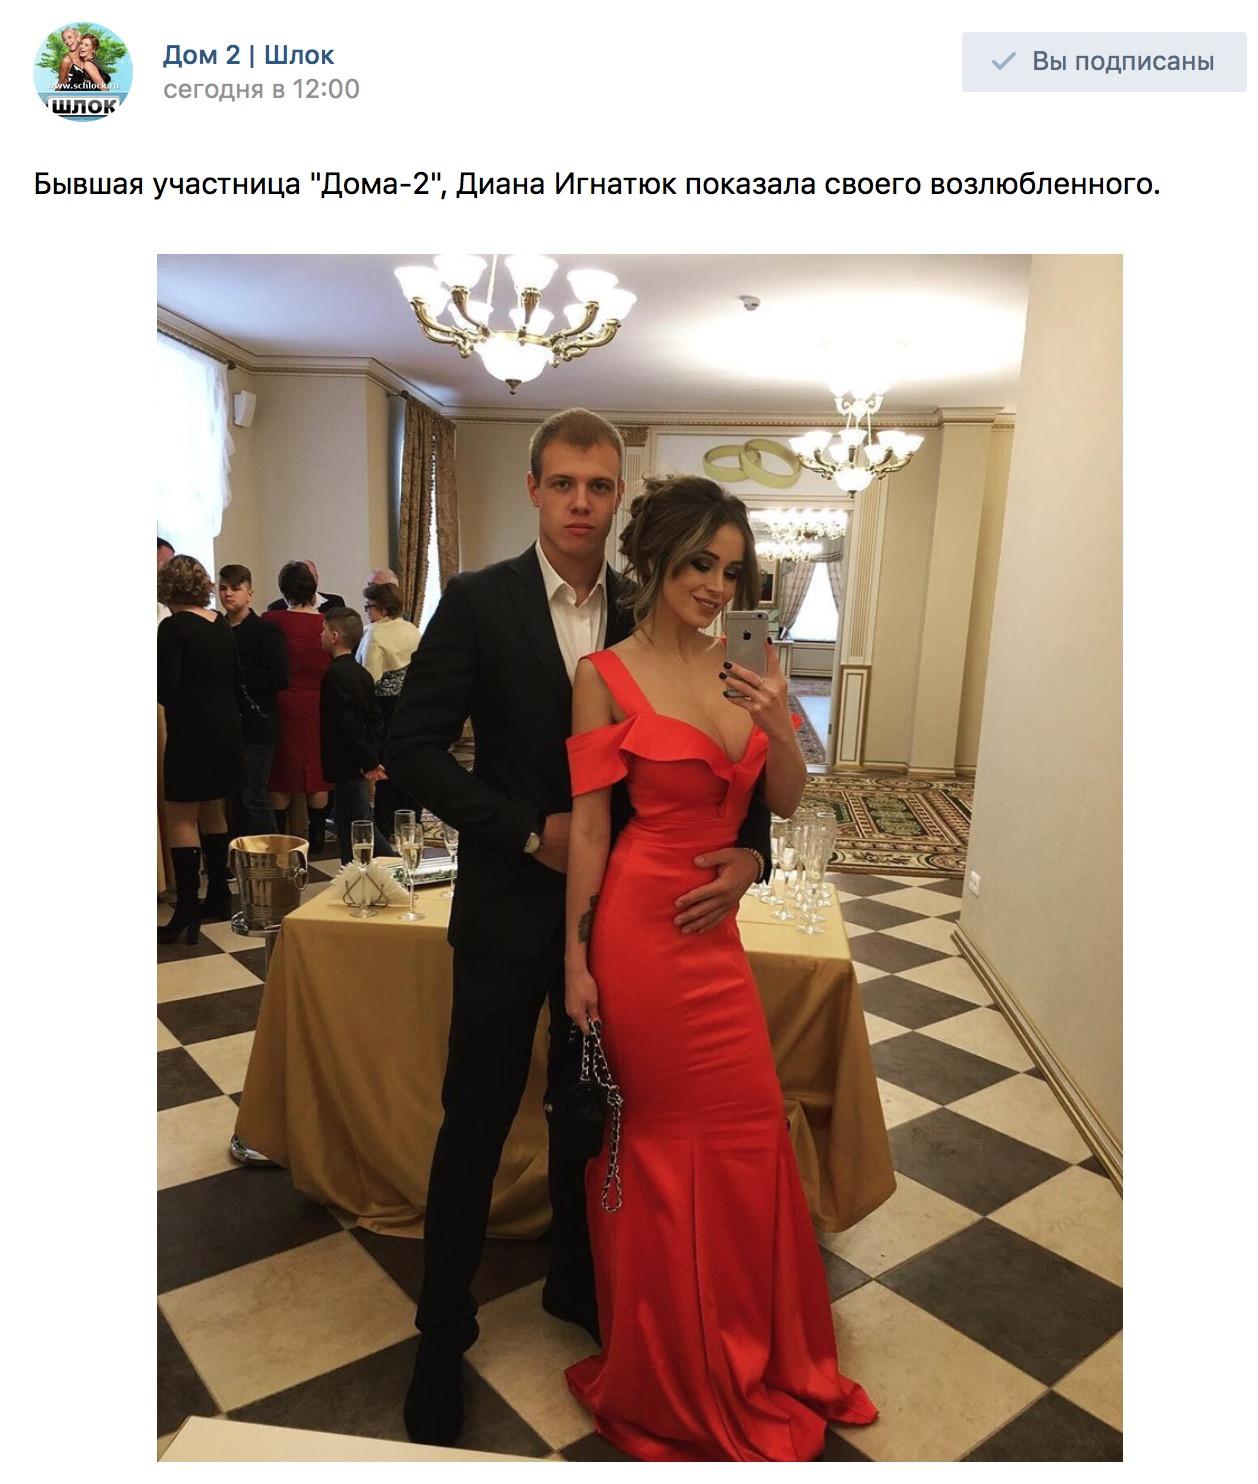 Диана Игнатюк показала своего возлюбленного